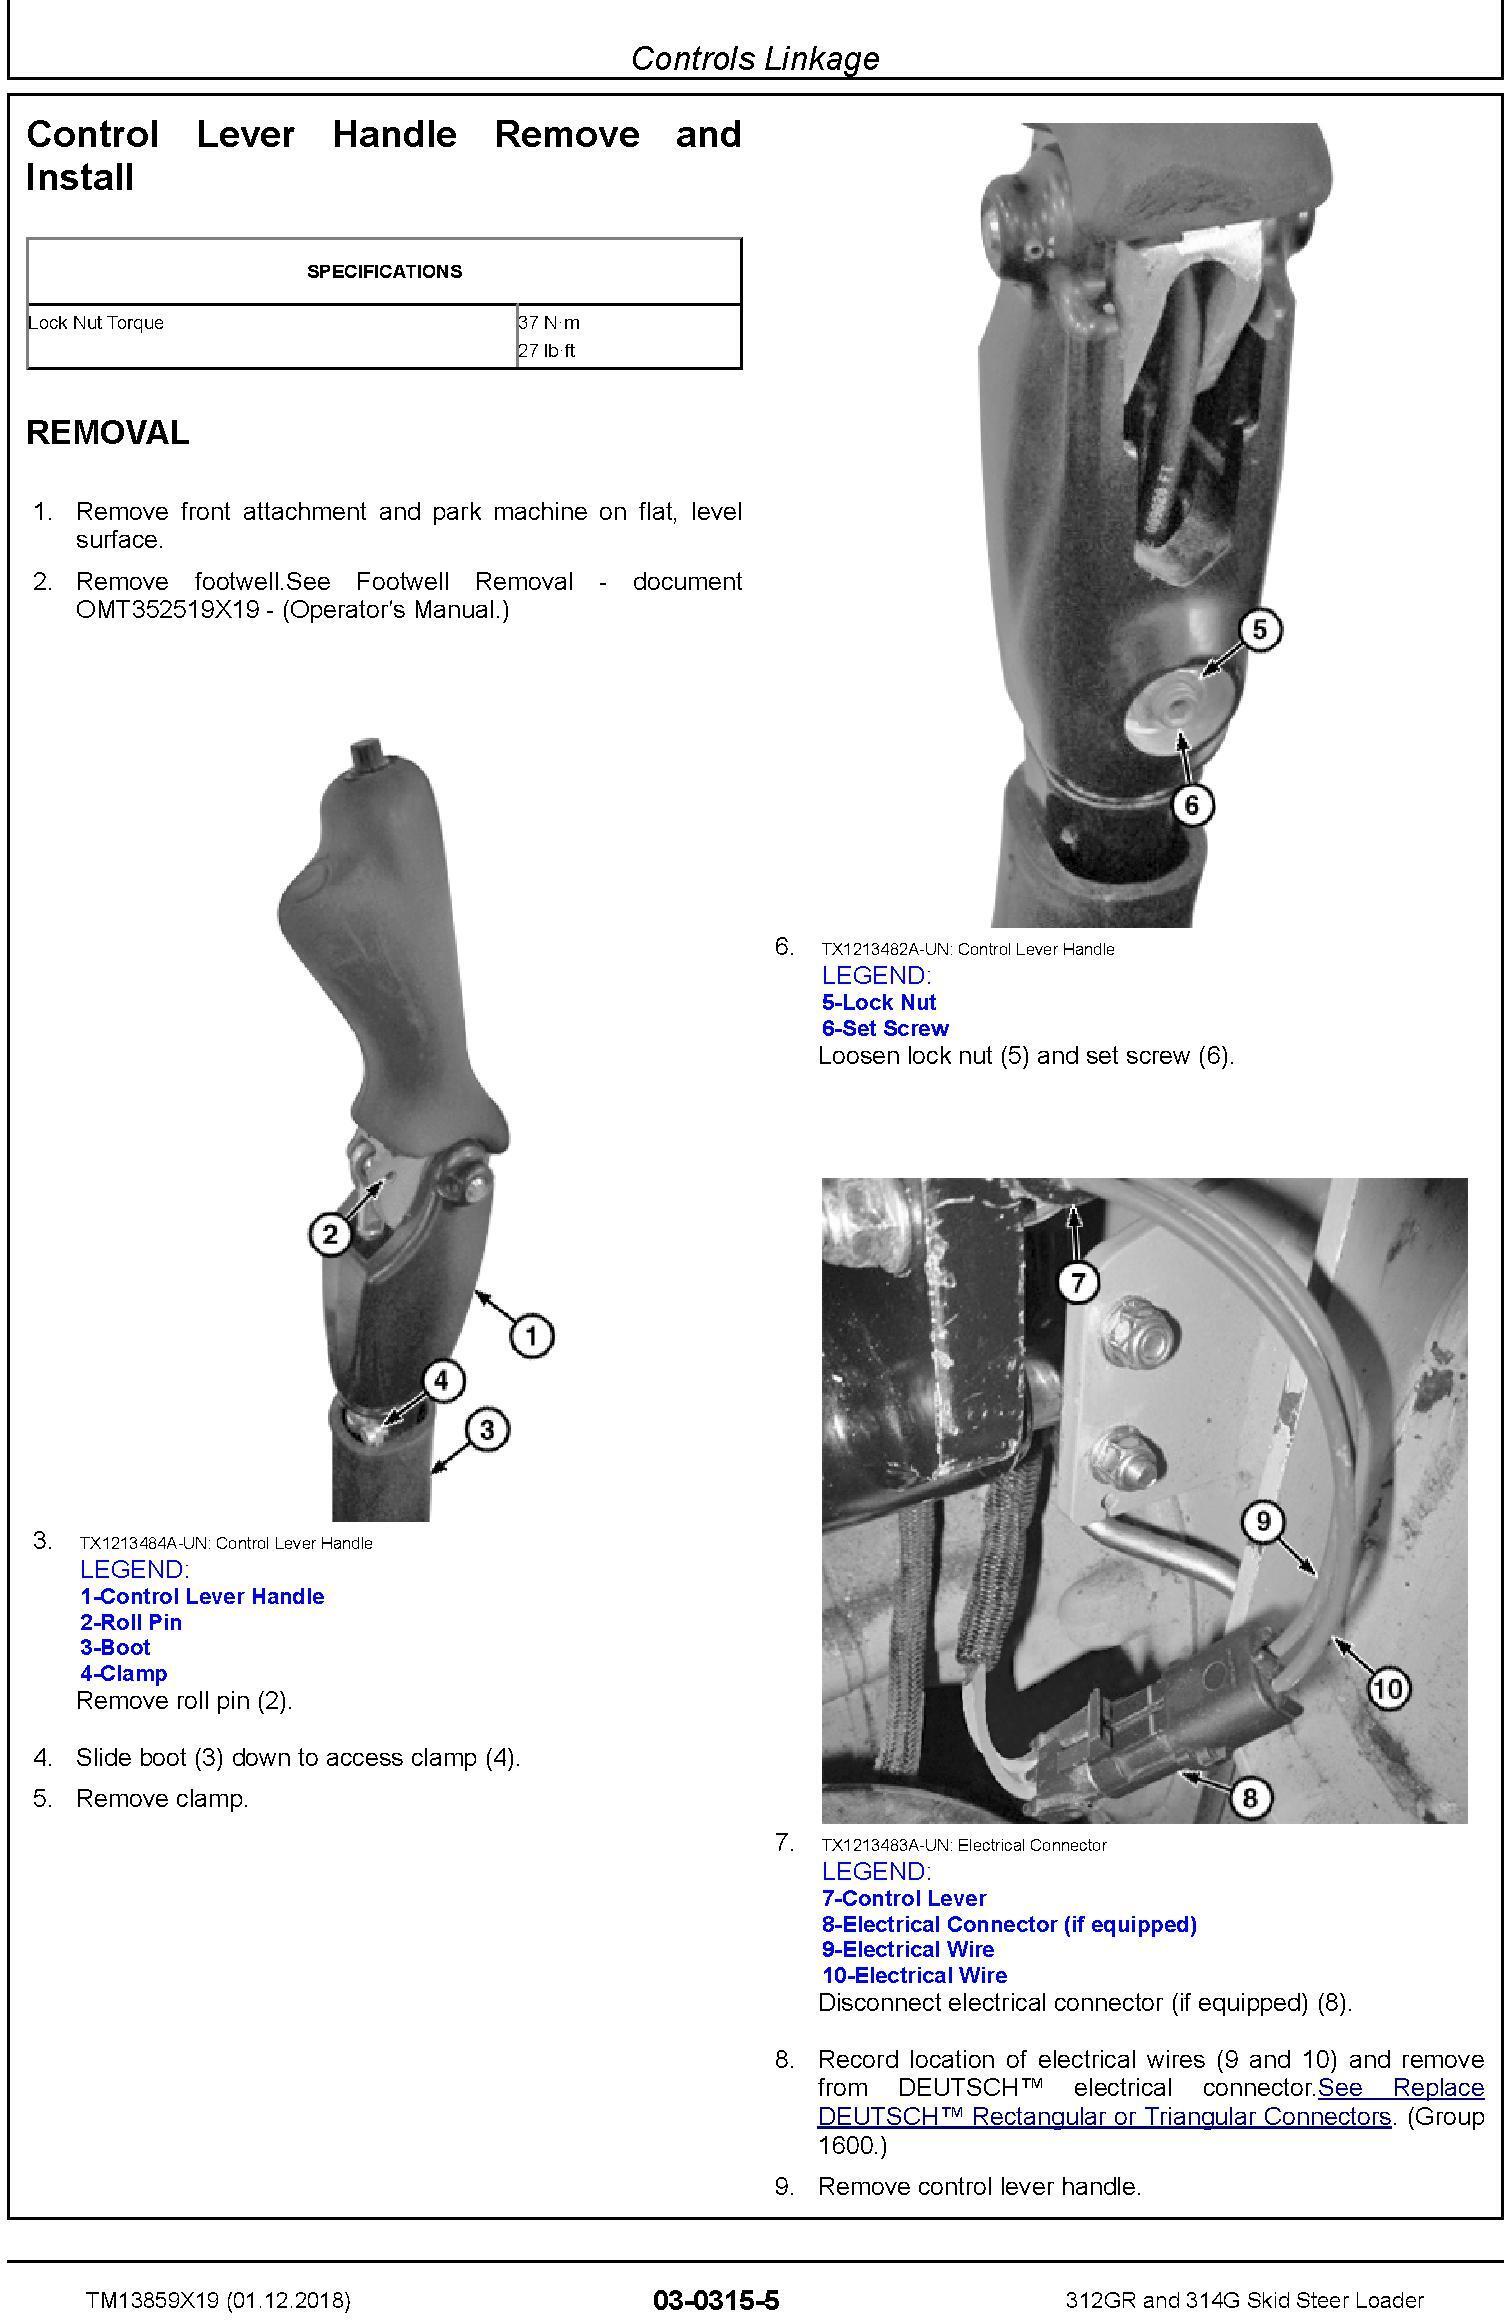 John Deere 312GR and 314G Skid Steer Loader Repair Service Manual (TM13859X19) - 1